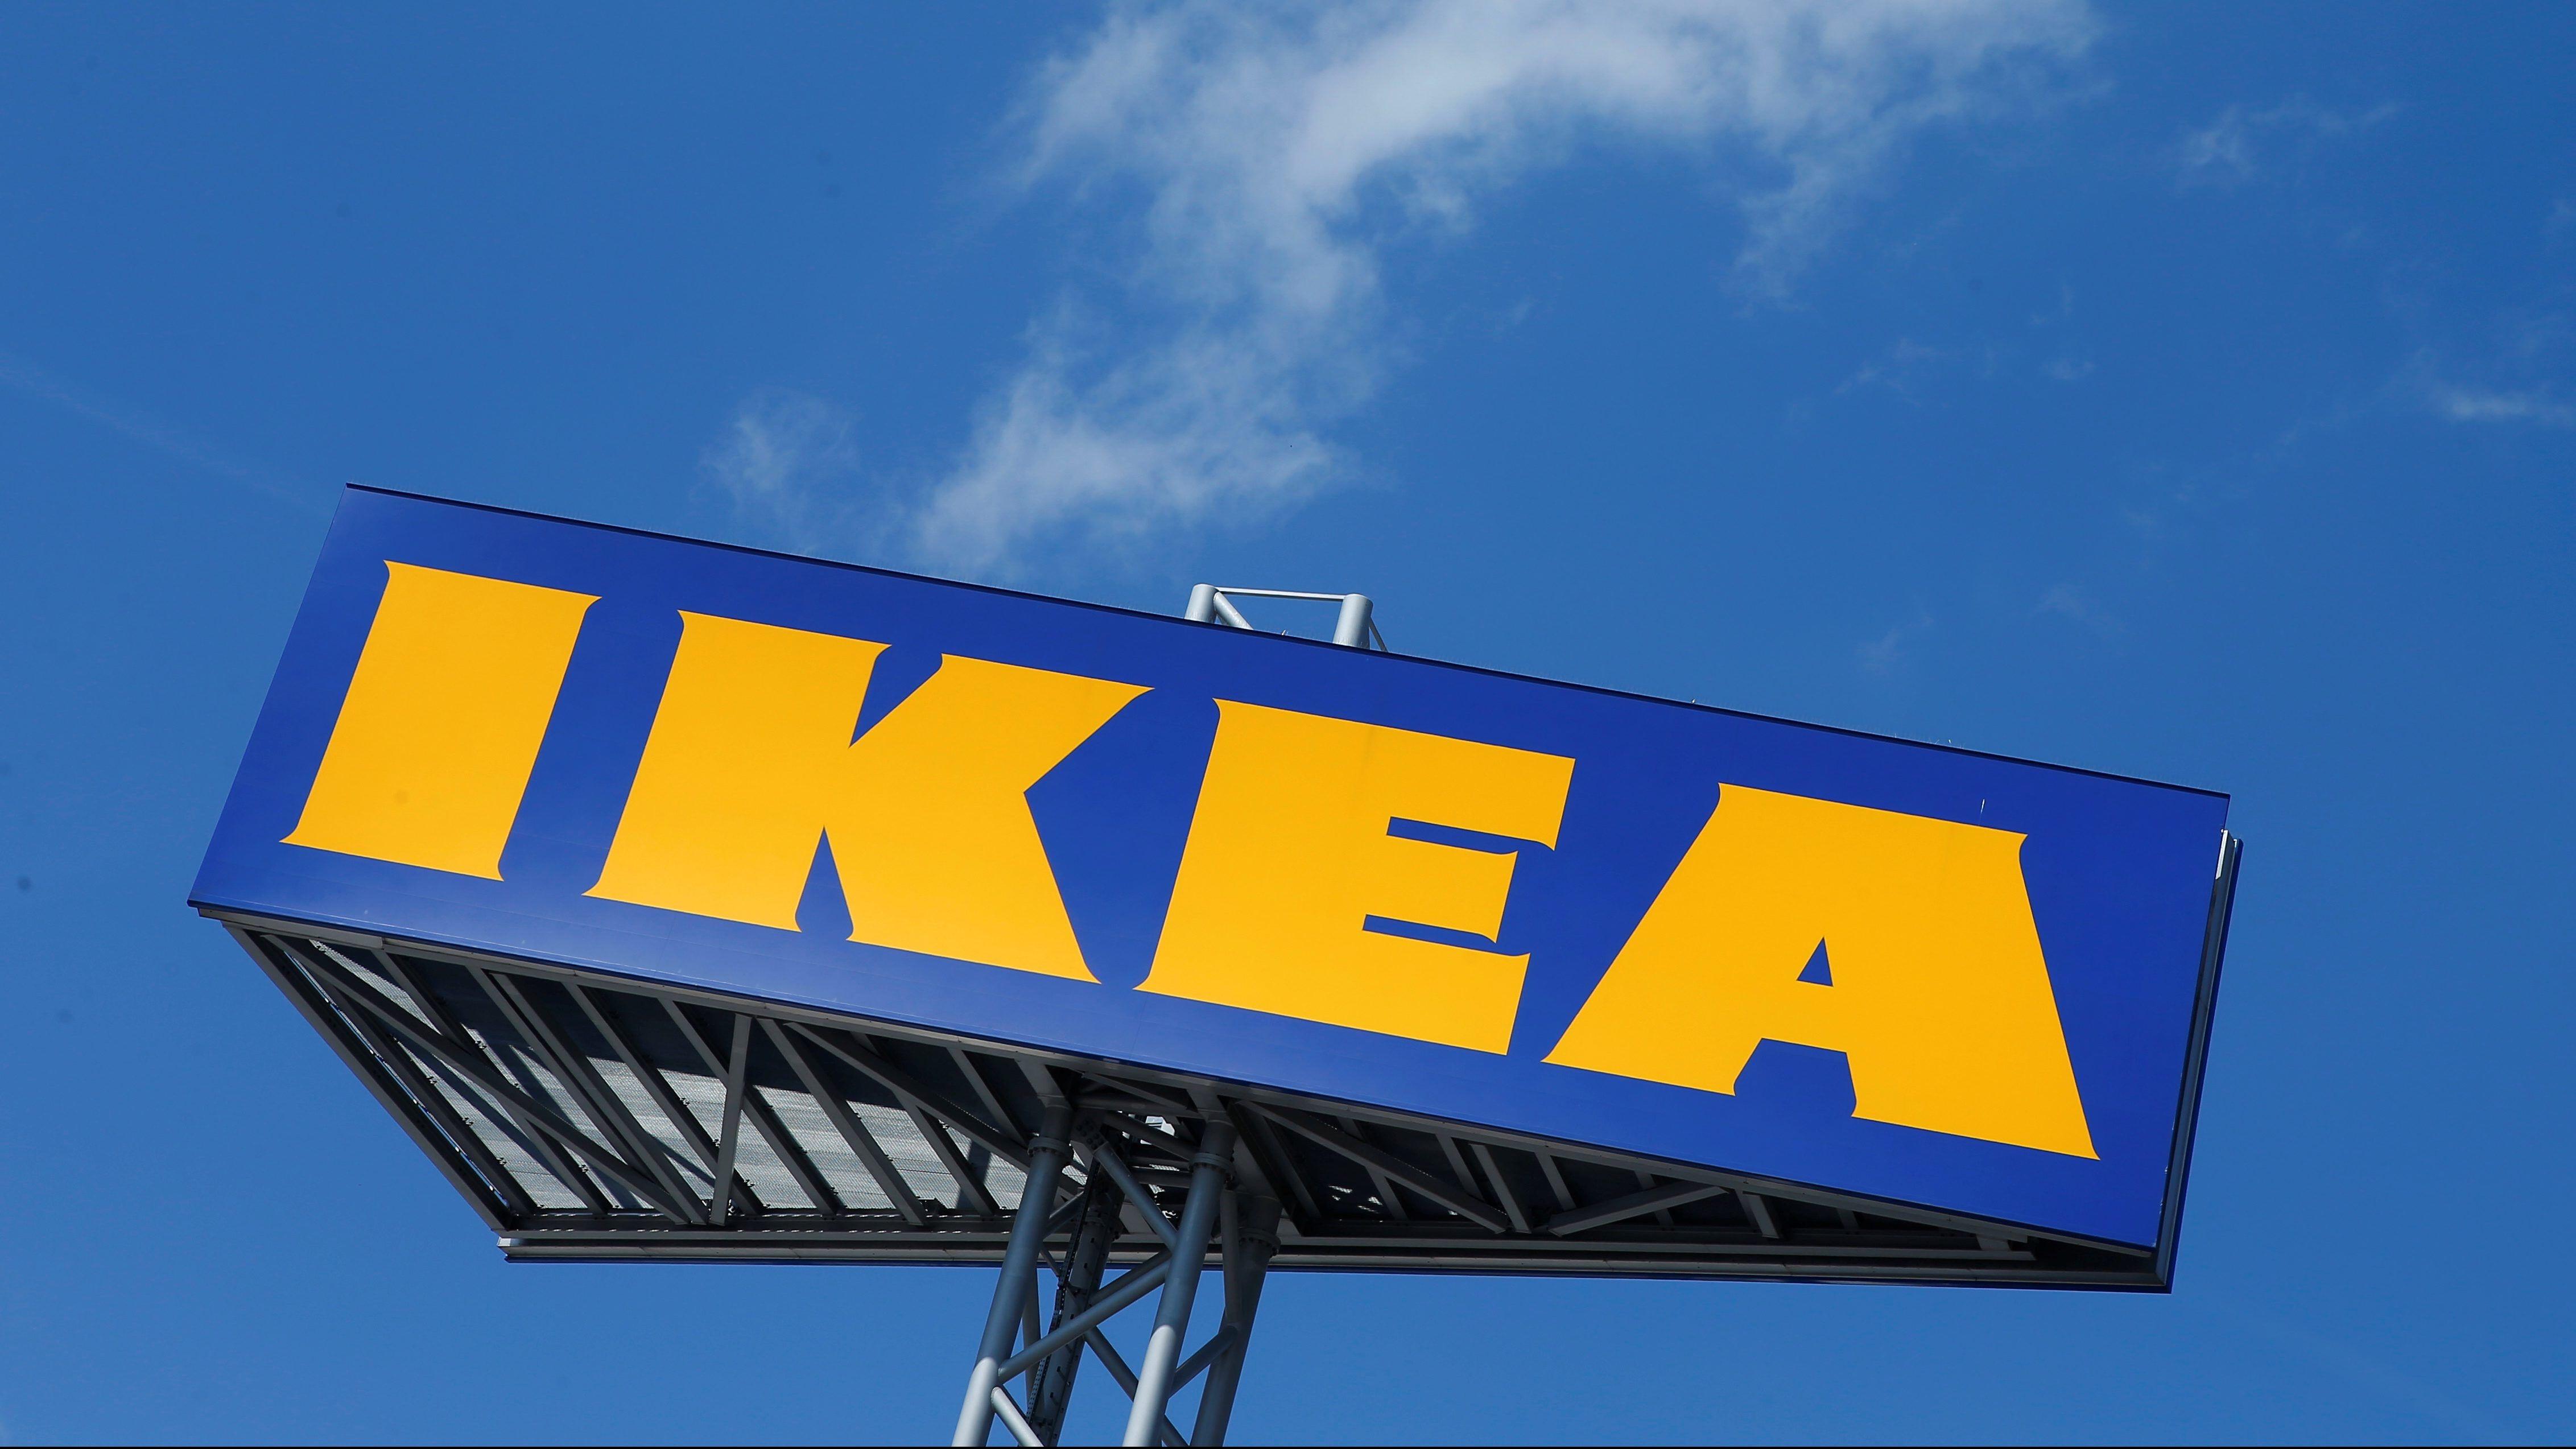 Ikea Padova Tavoli Da Giardino.Ikea Maggio 2019 Gli Sconti Di Fine Serie E Le Promo Rilassati